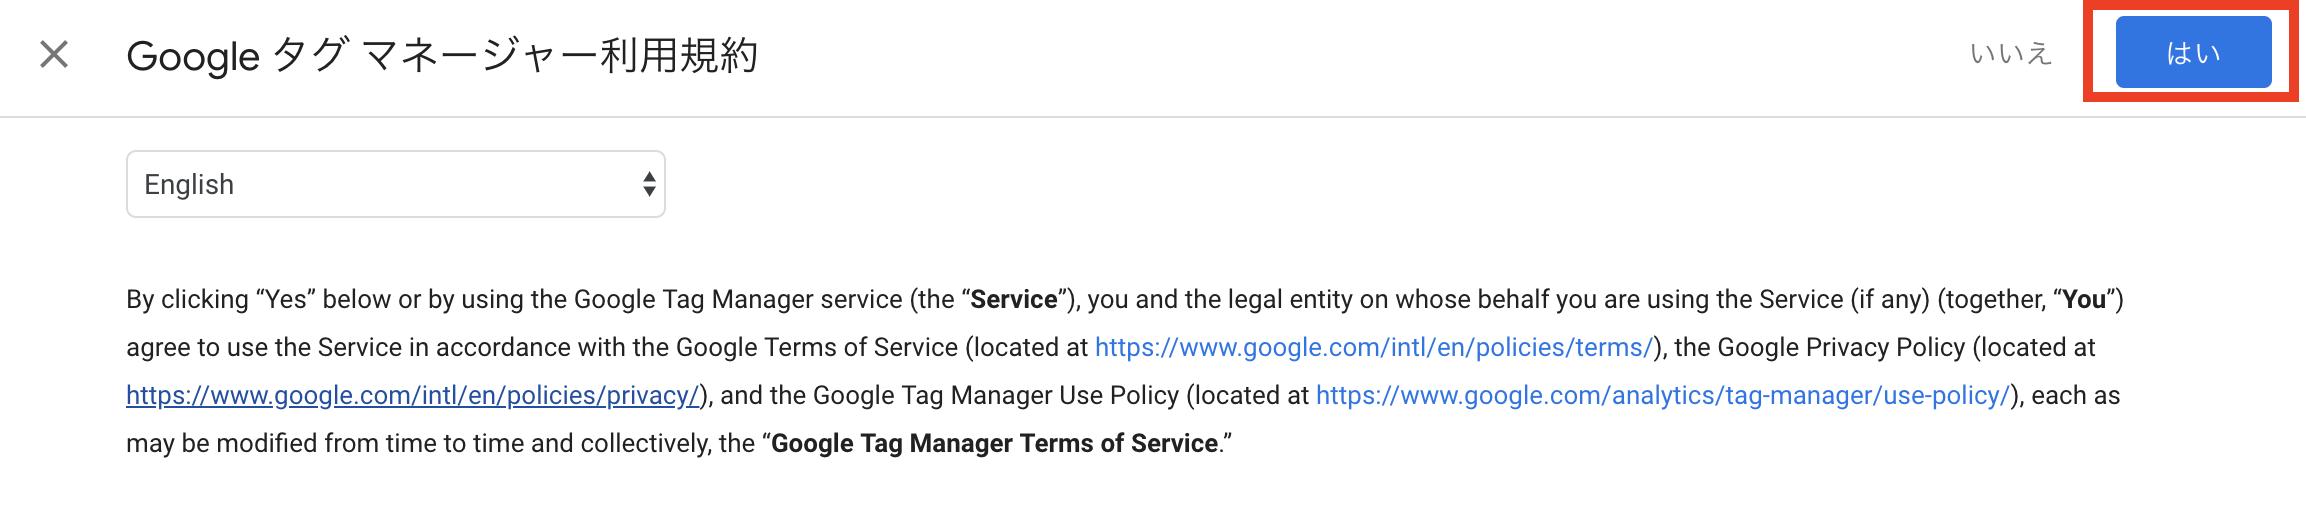 GTM 規約ページのはいボタン